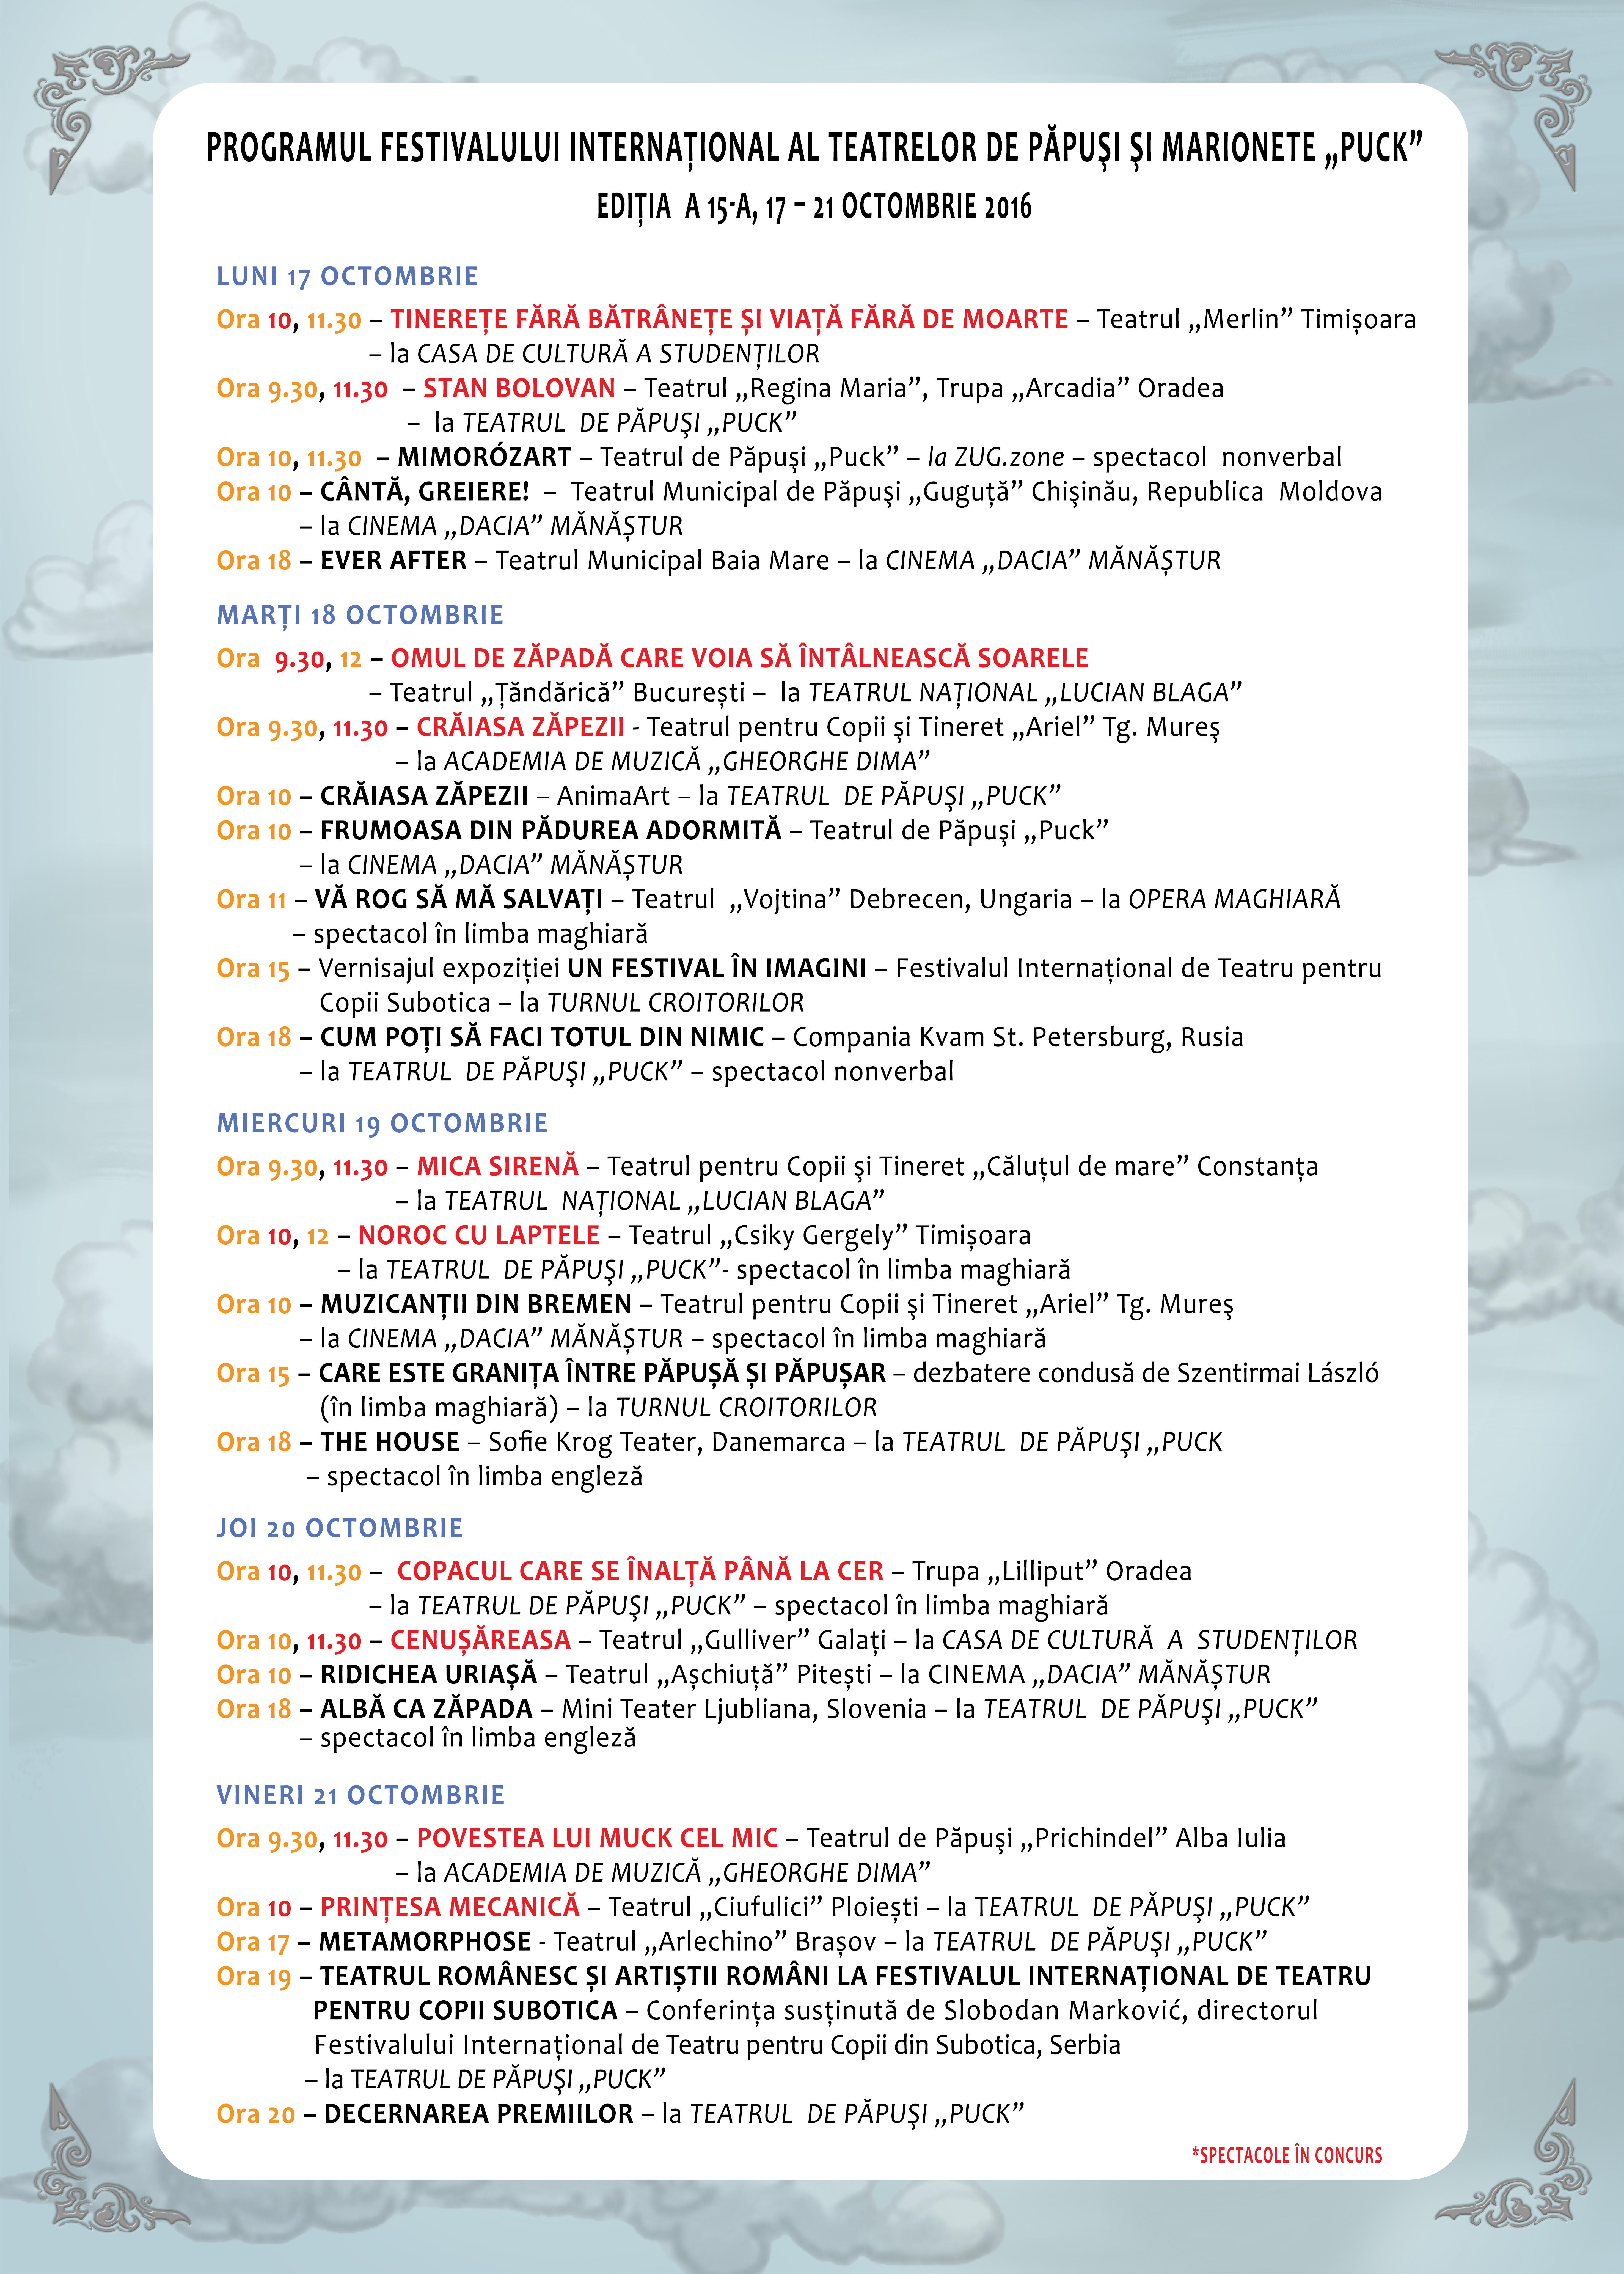 programul-festivalului-international-al-teatrelor-de-papusi-si-marionete-puck-2016